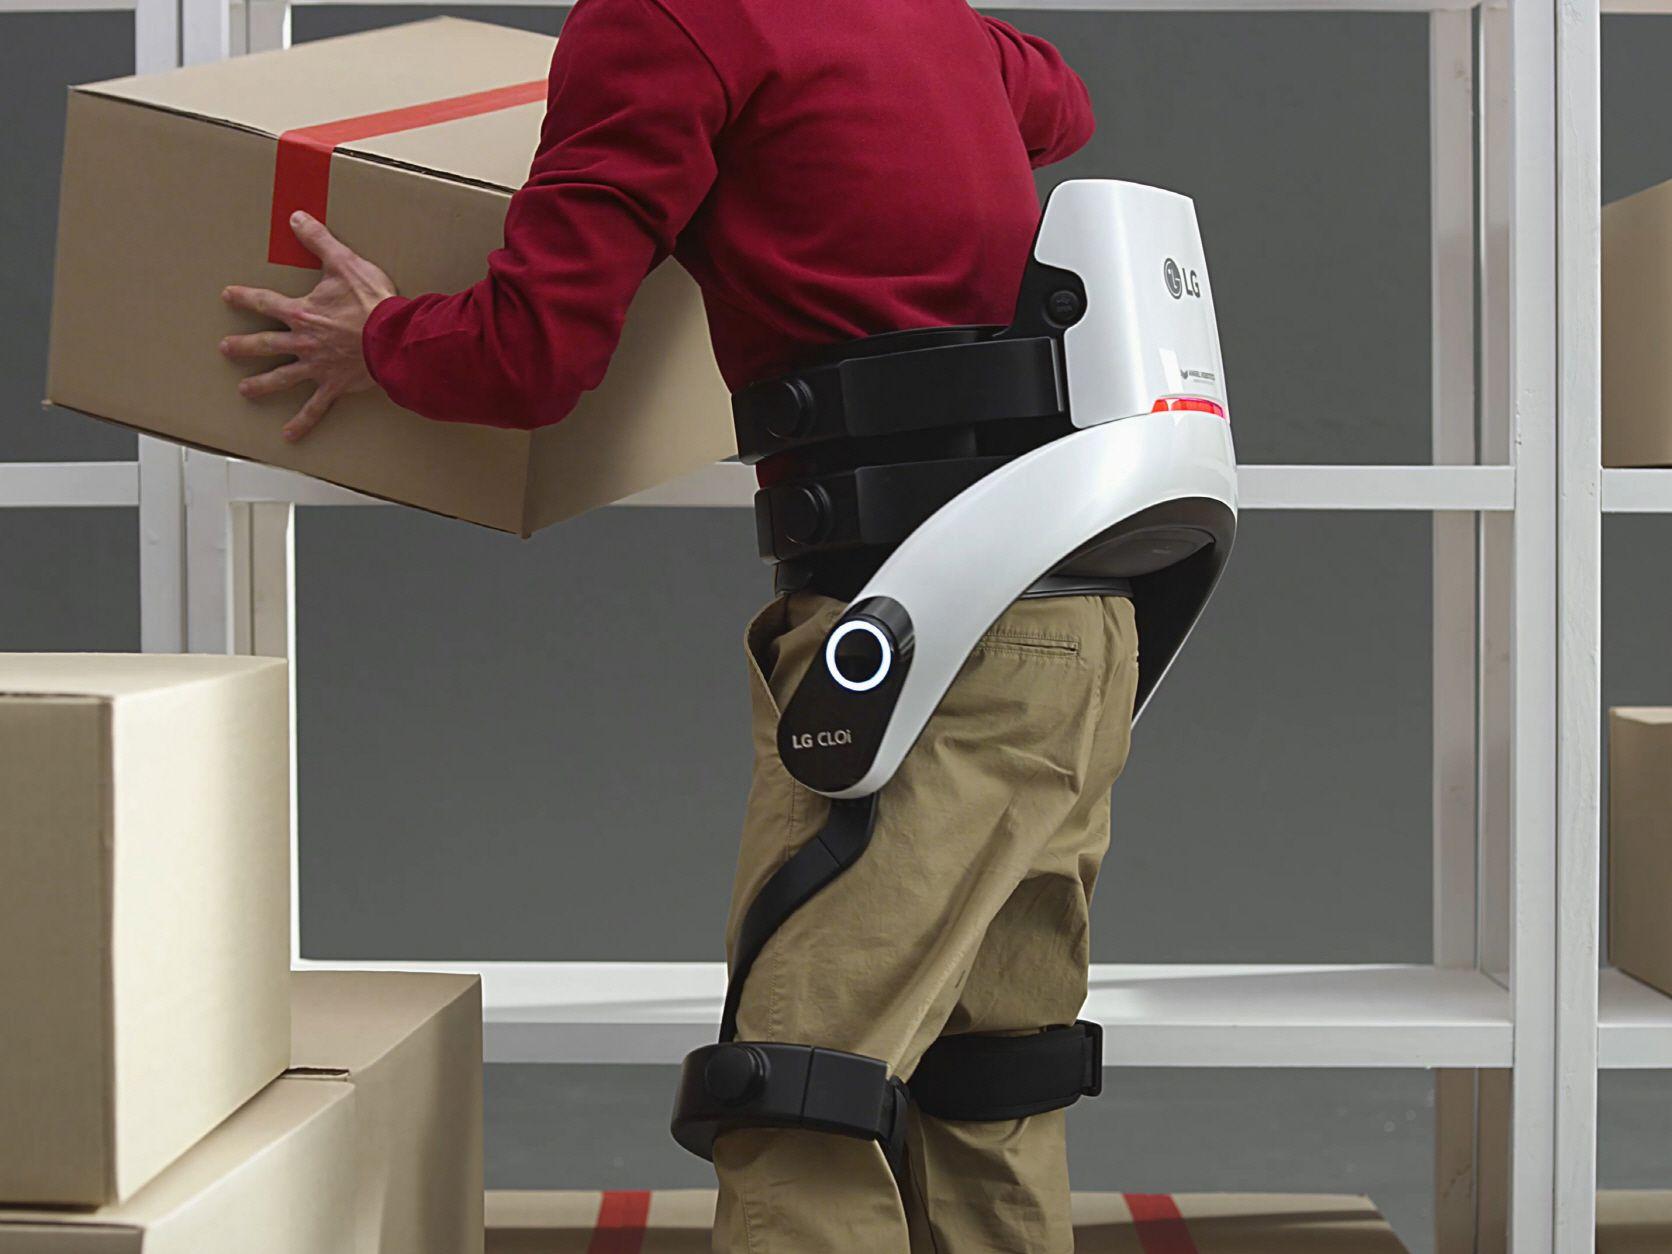 El robot de LG se adhiere al cuerpo del operario para ayudarle a levantar peso